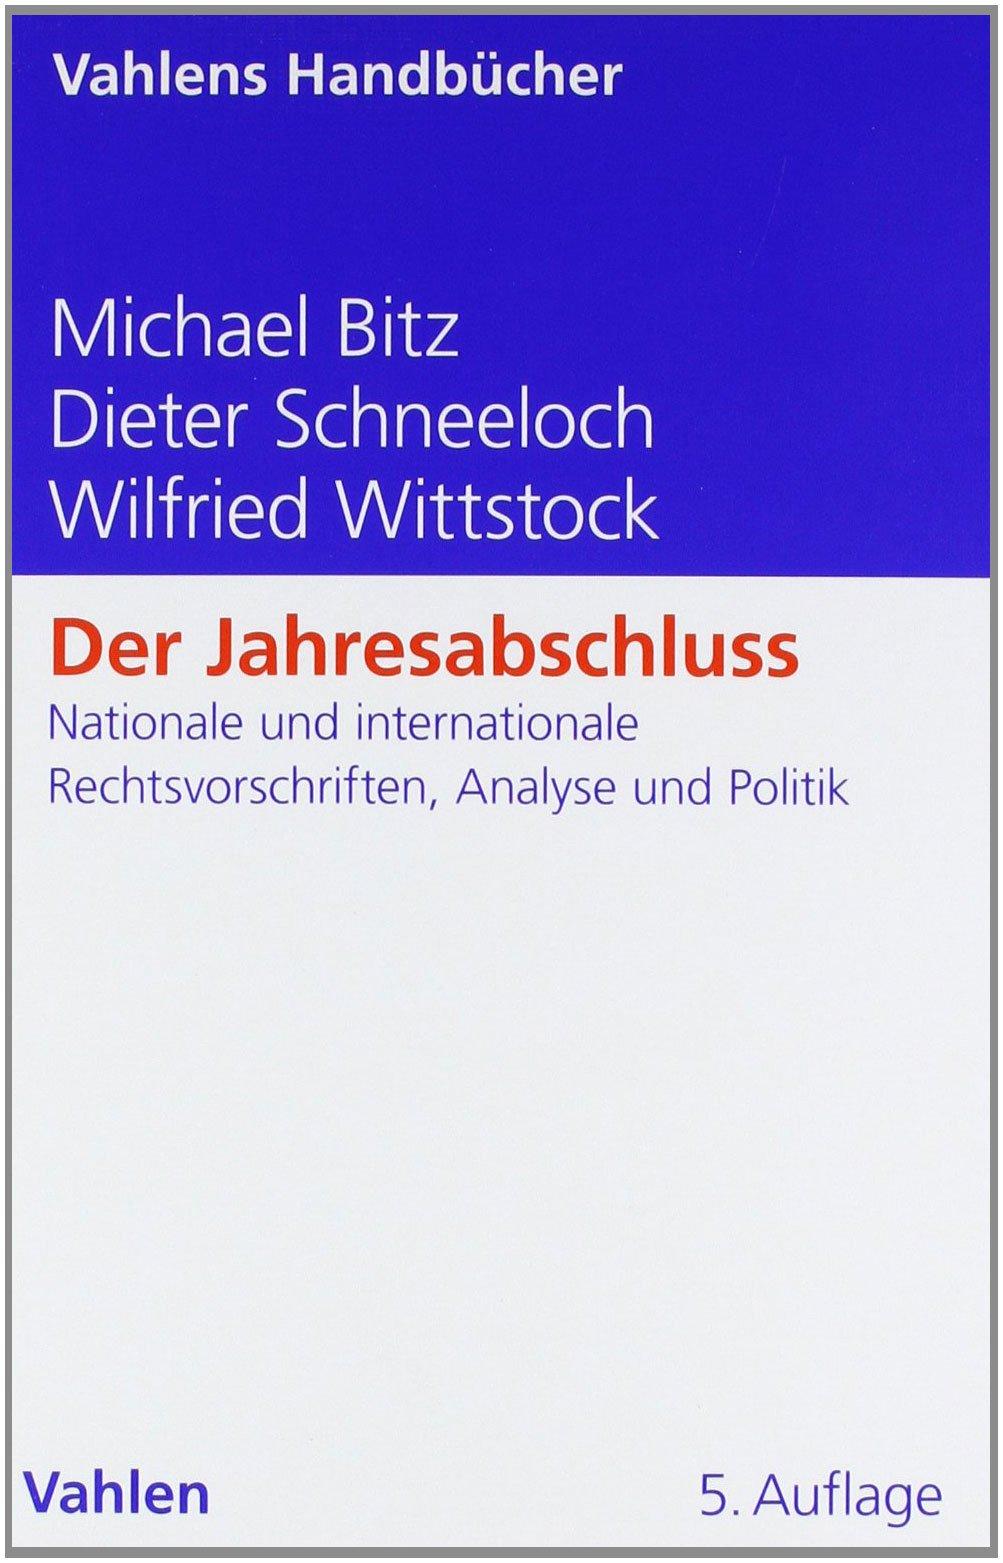 Der Jahresabschluss Gebundenes Buch – 5. April 2011 Michael Bitz Dieter Schneeloch Wilfried Wittstock Vahlen